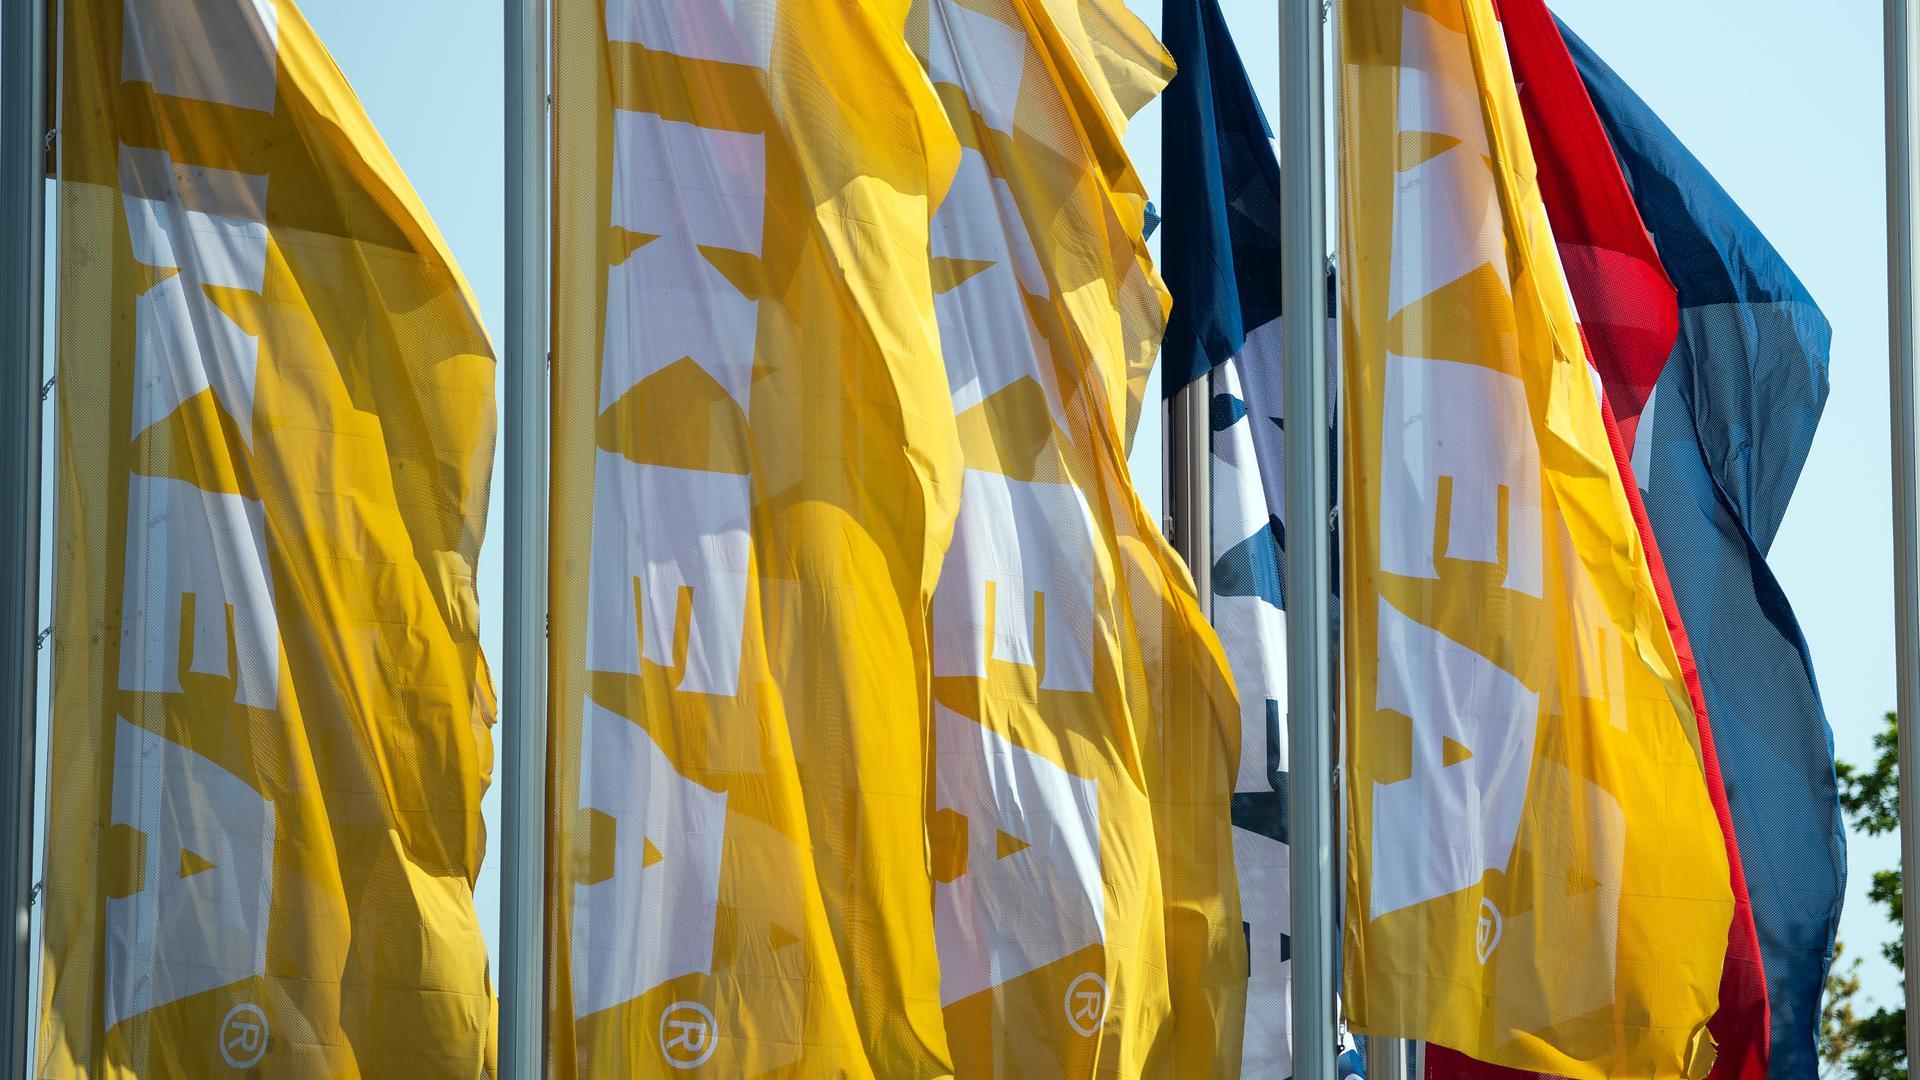 Fahnen mit dem Schriftzug IKEA wehen vor einem Möbelhaus im Wind.